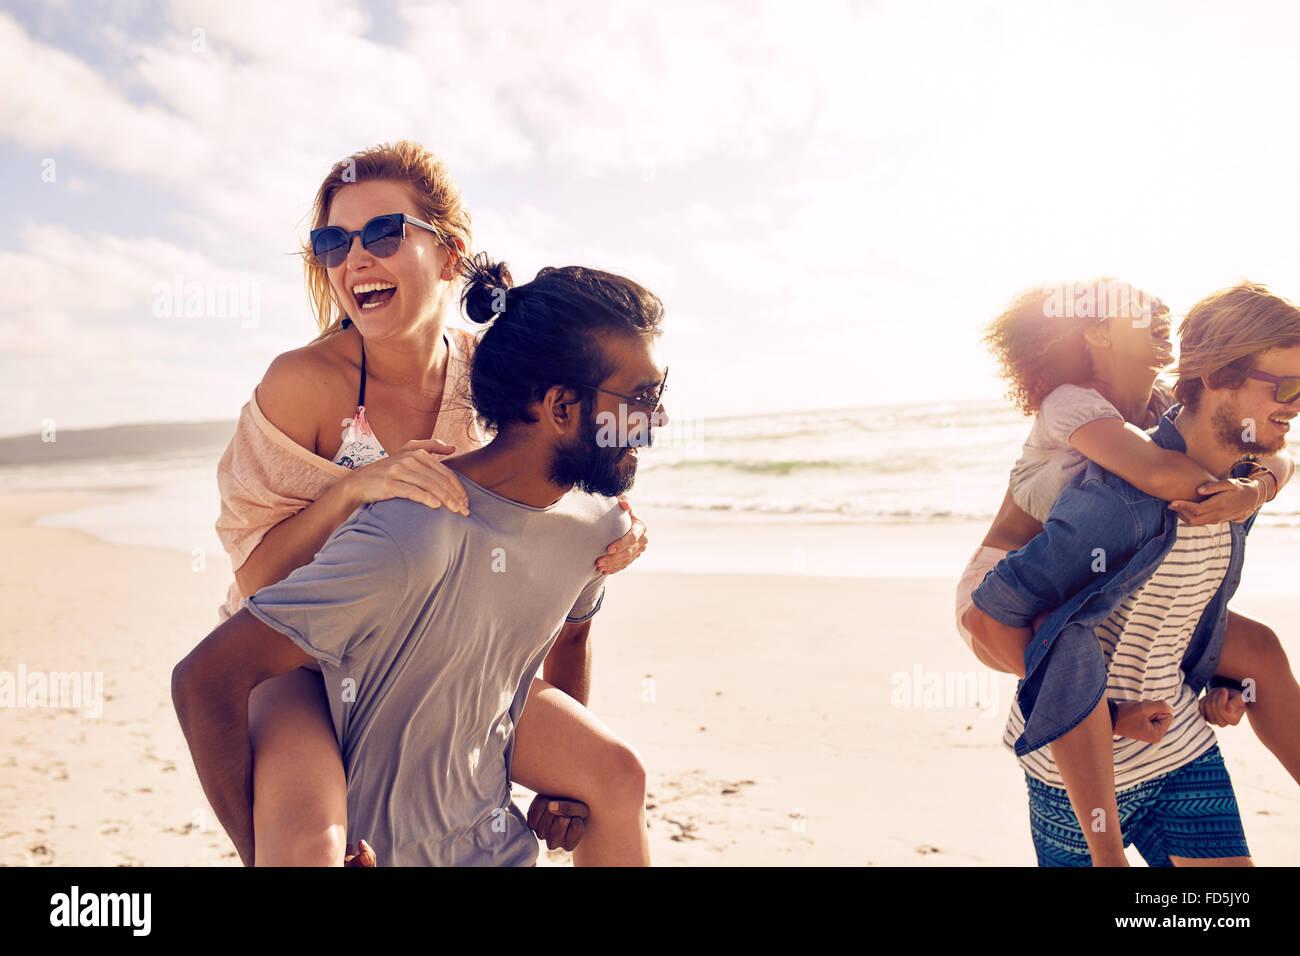 Heureux les jeunes hommes donnant piggyback ride à la femme sur la plage. Groupe varié de jeunes s'amusant Photo Stock